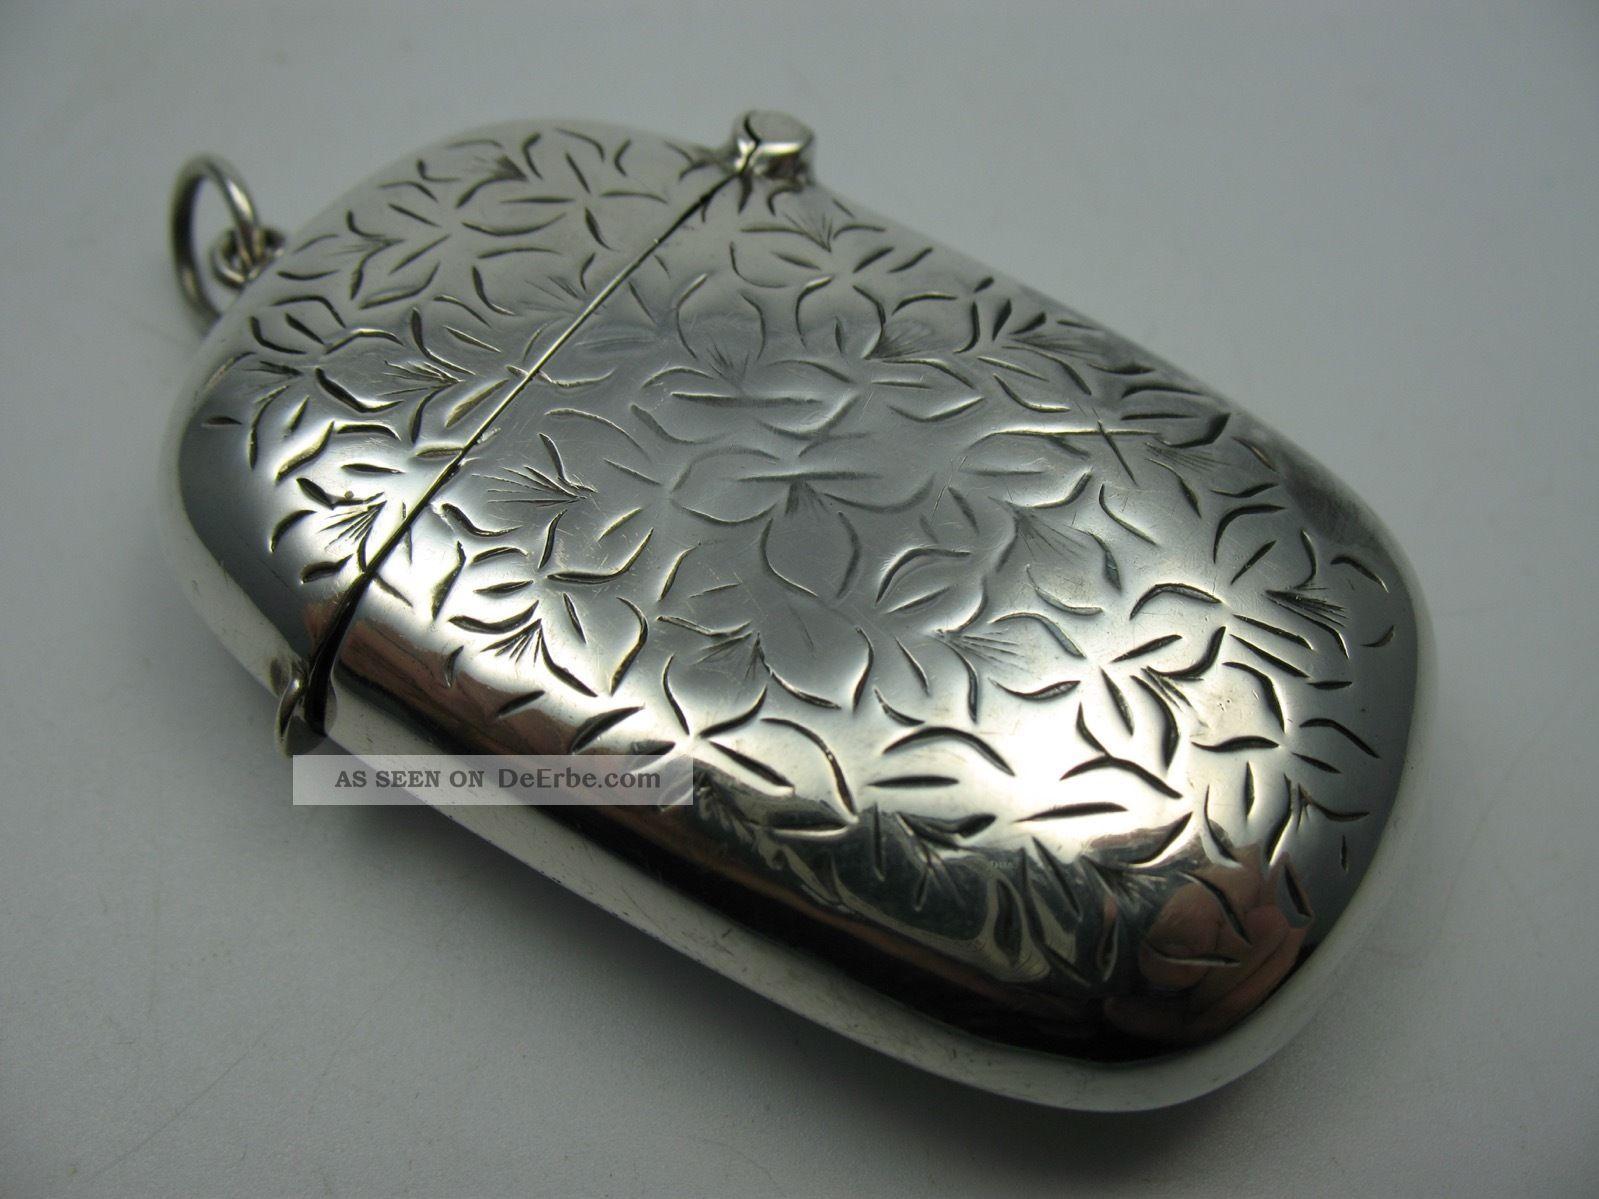 Wunderschönes Altes Streichholzetui Um 1910 Aus 925 Sterling Silber Objekte vor 1945 Bild